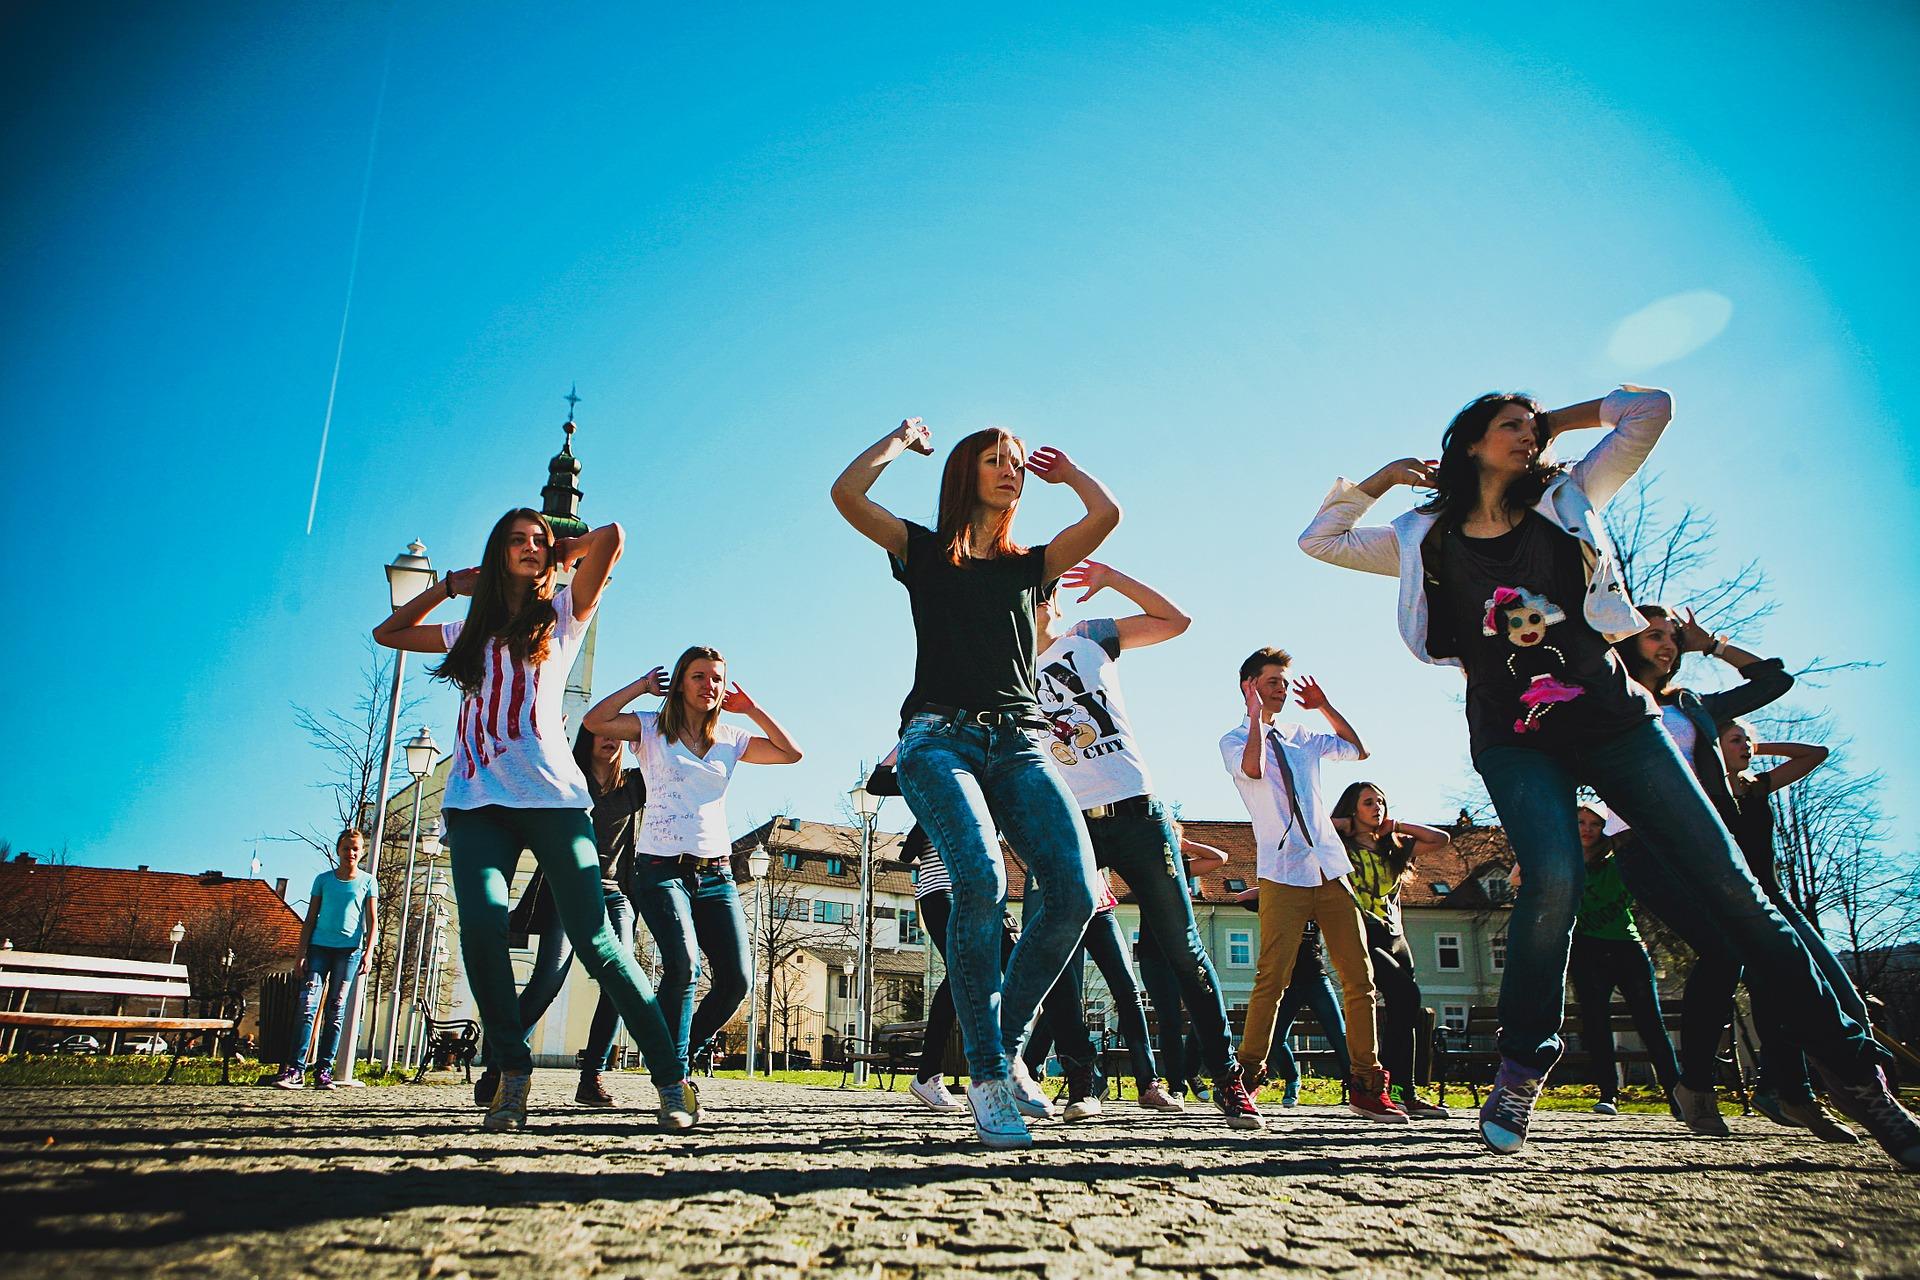 dancing-632740_1920